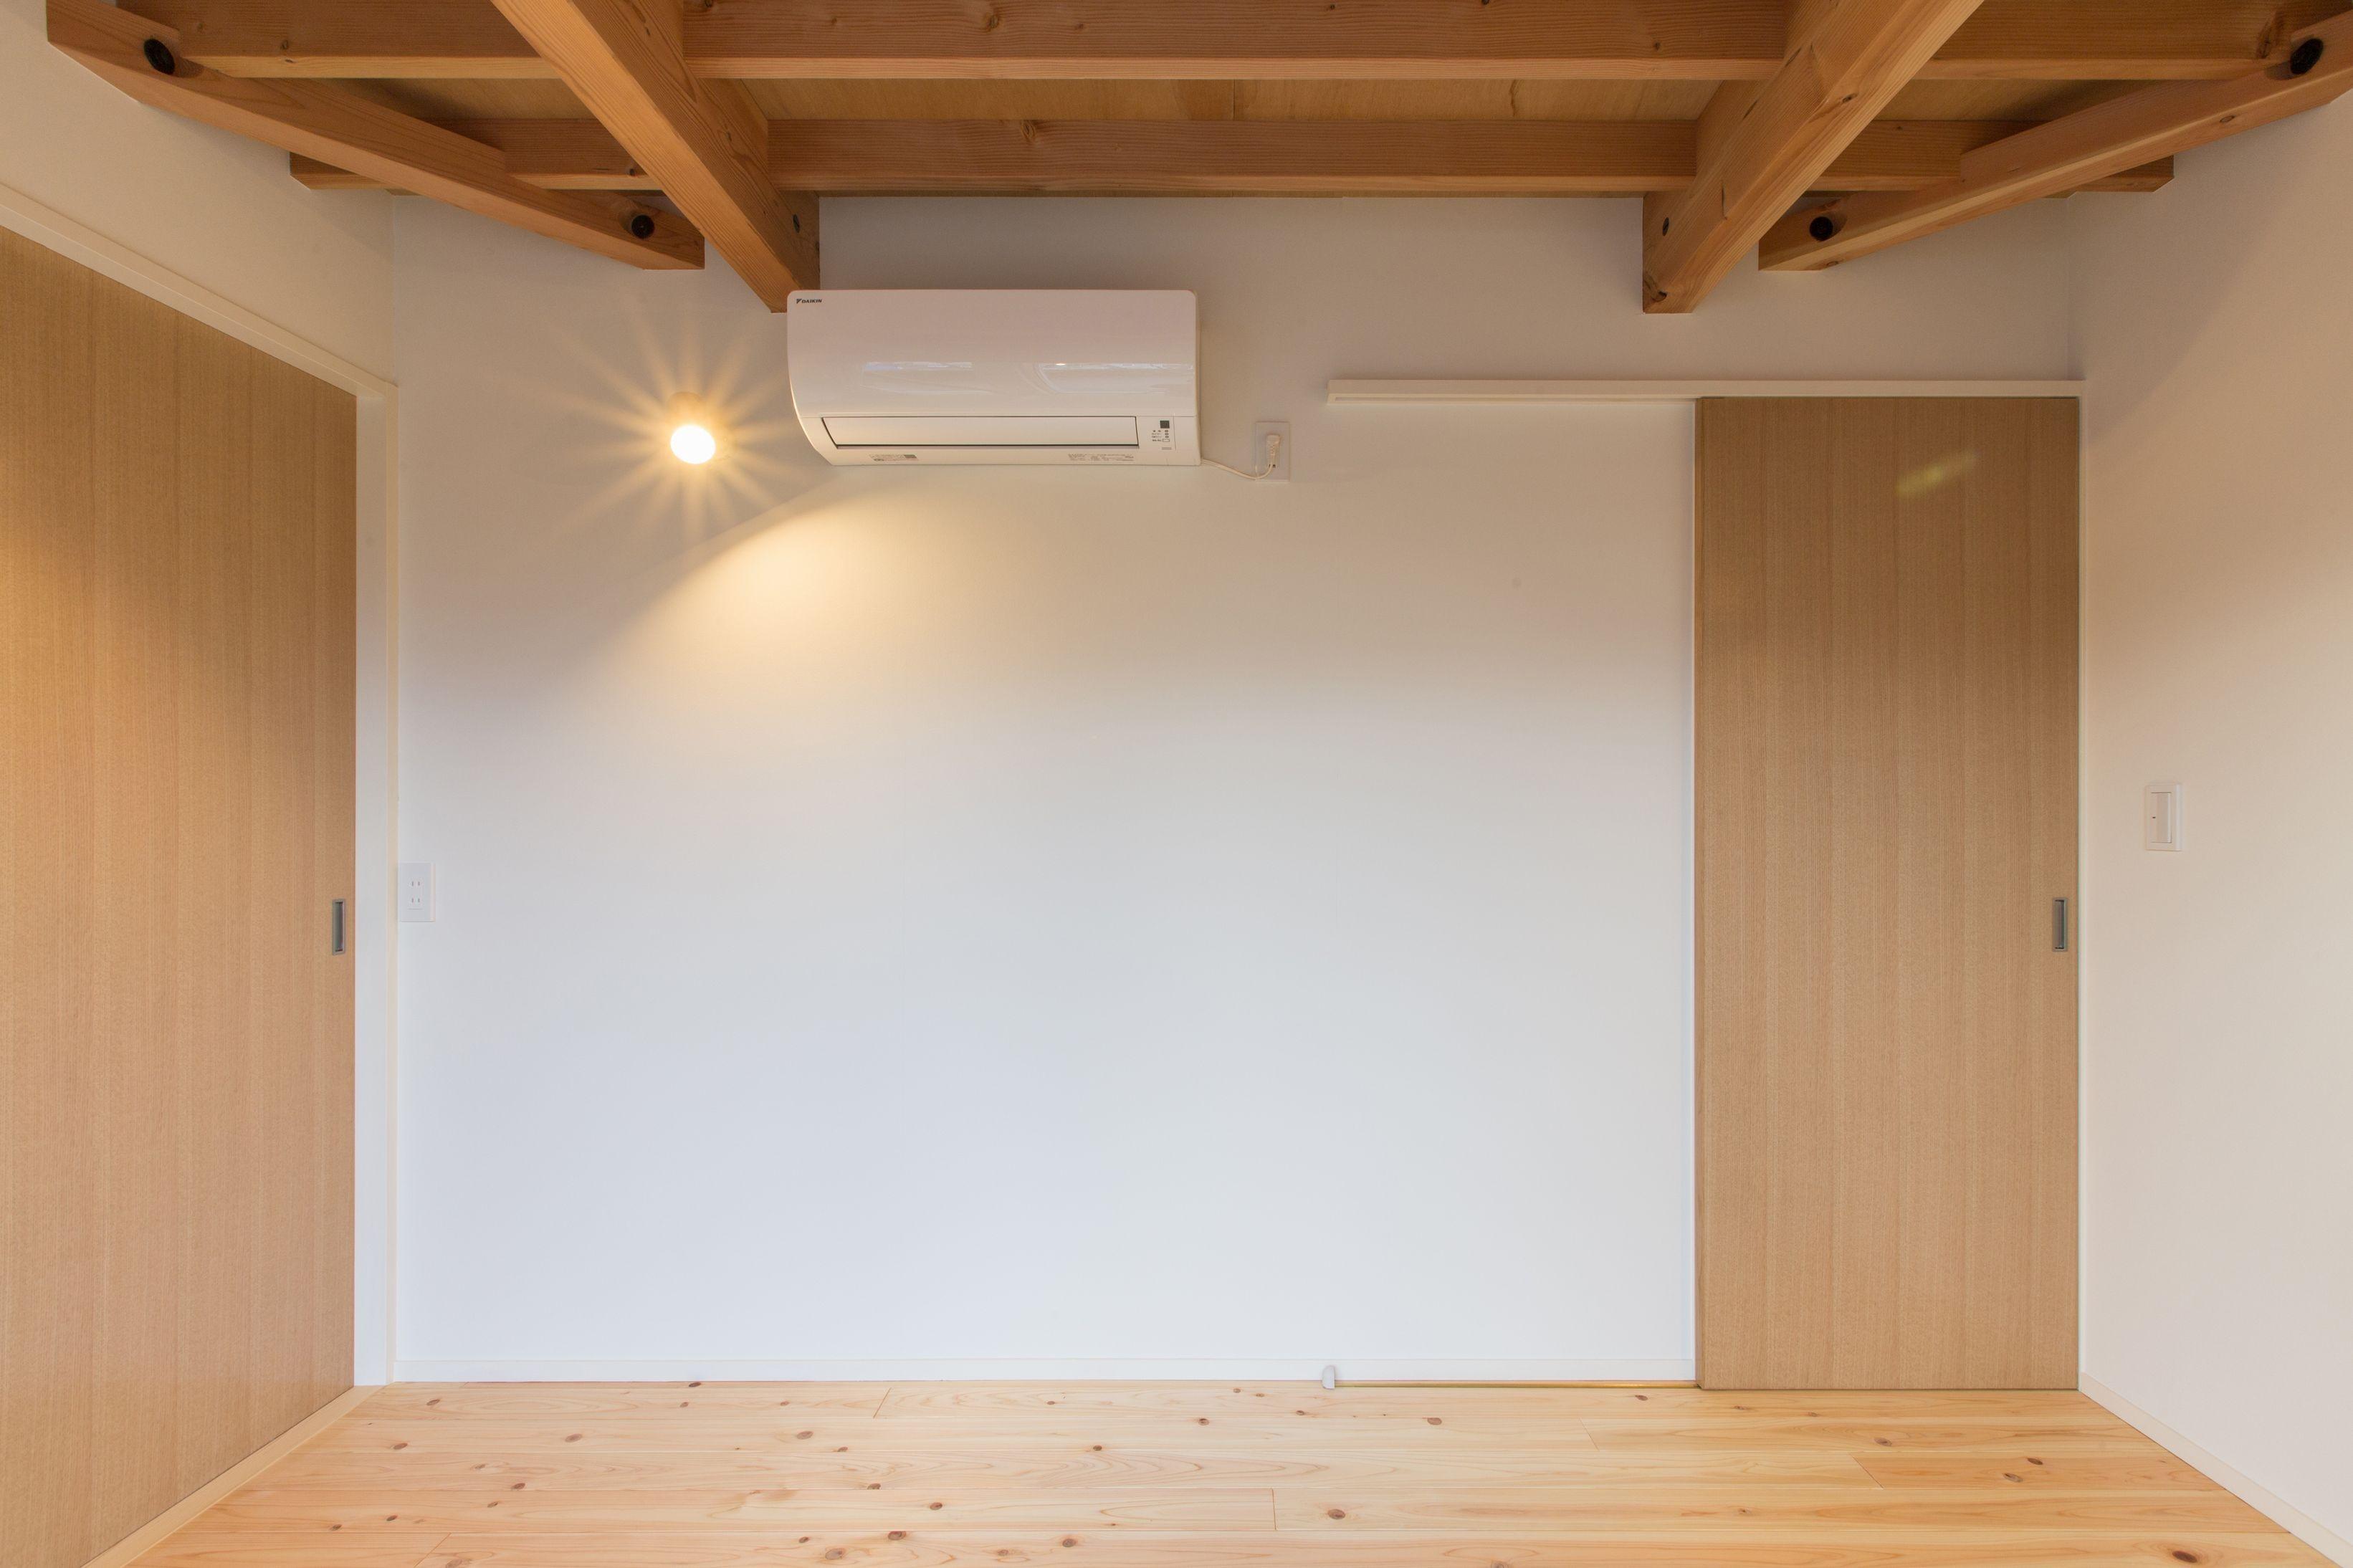 ベッドルーム事例:寝室の出入り口を見る(3-BOX 1800万円の家)